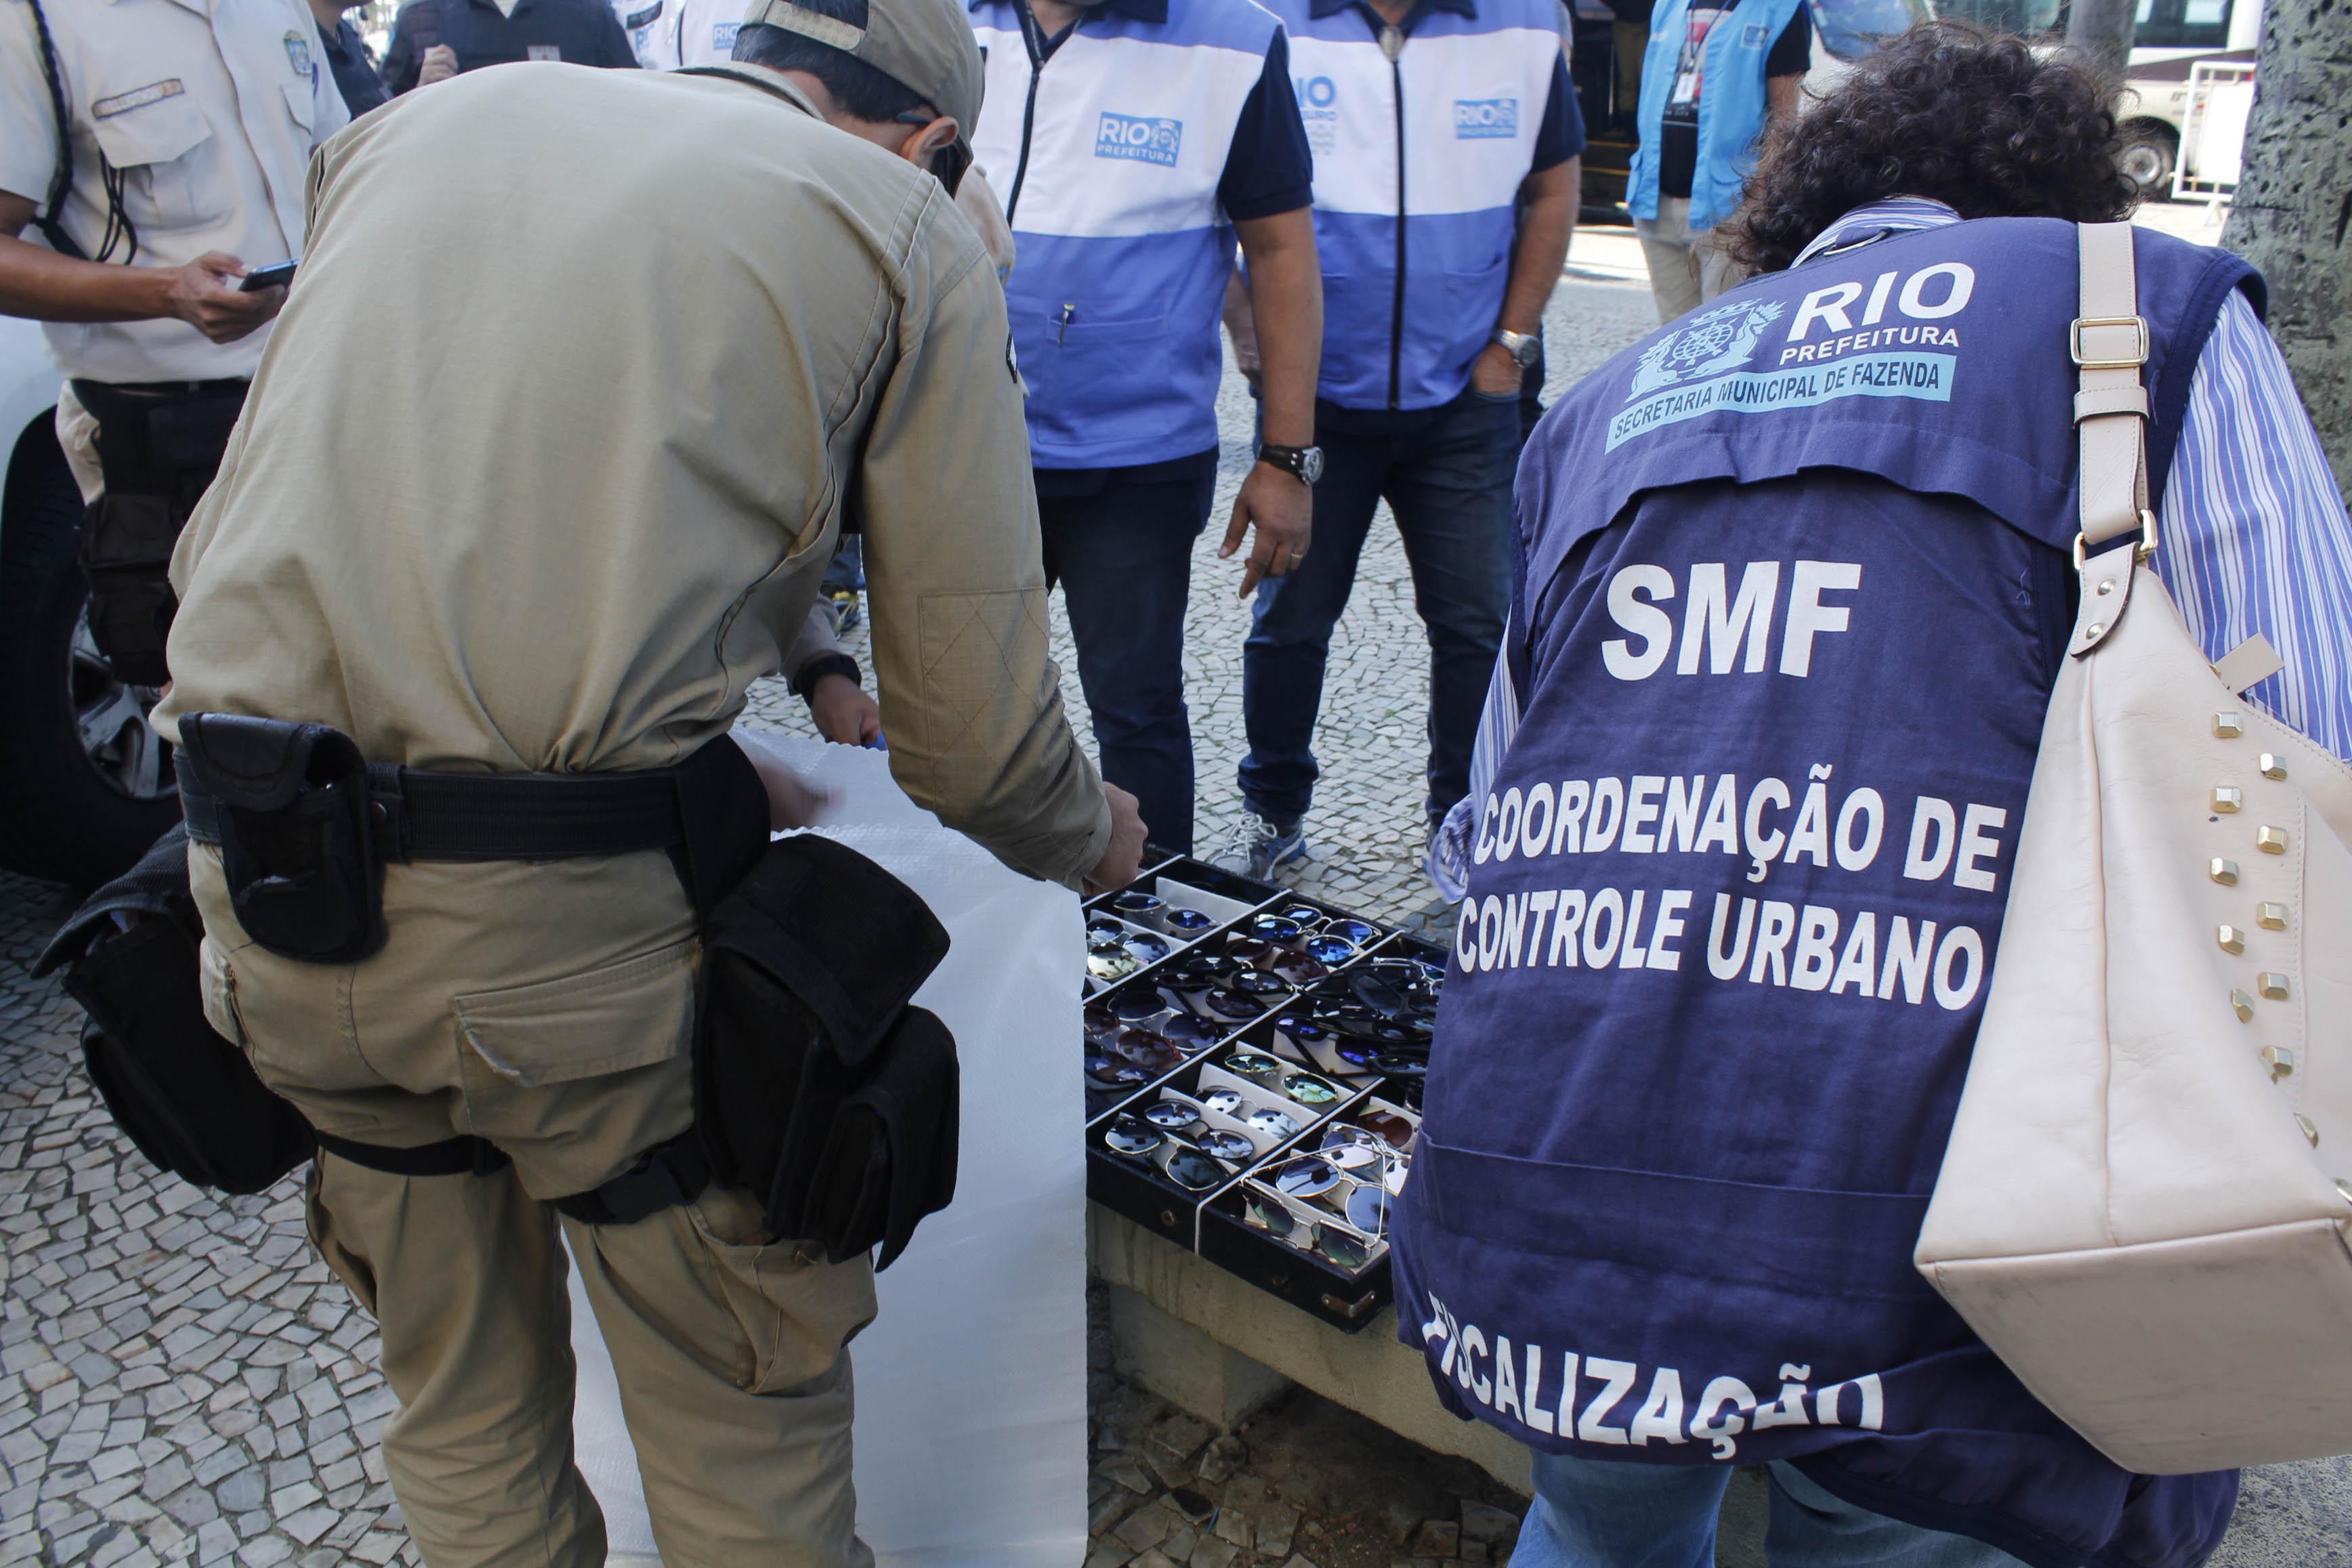 Rio+Seguro celebra nove meses com redução expressiva de criminalidade